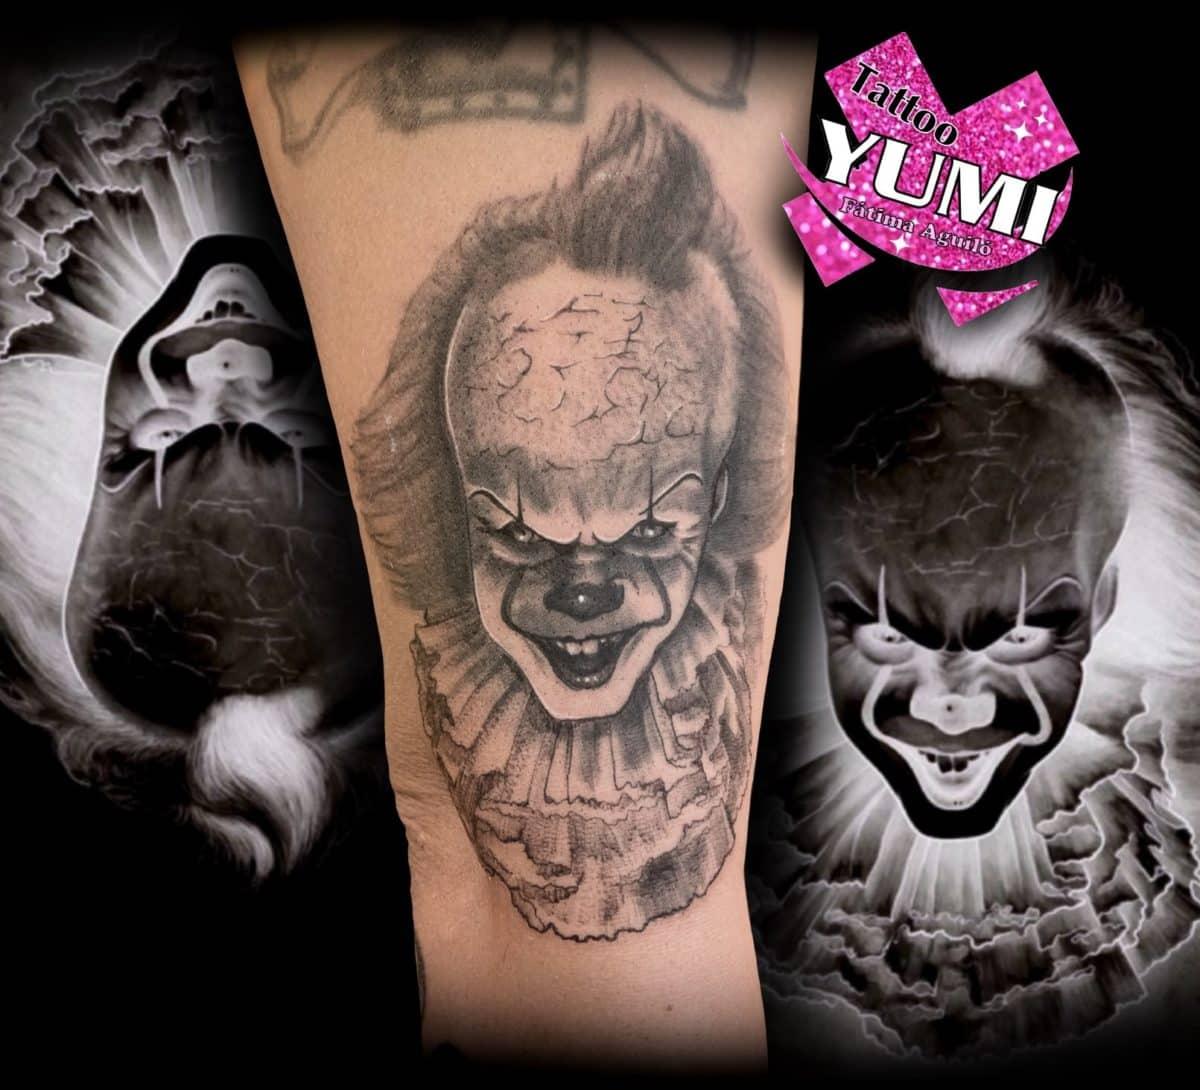 yumi-tattoo-artist-it